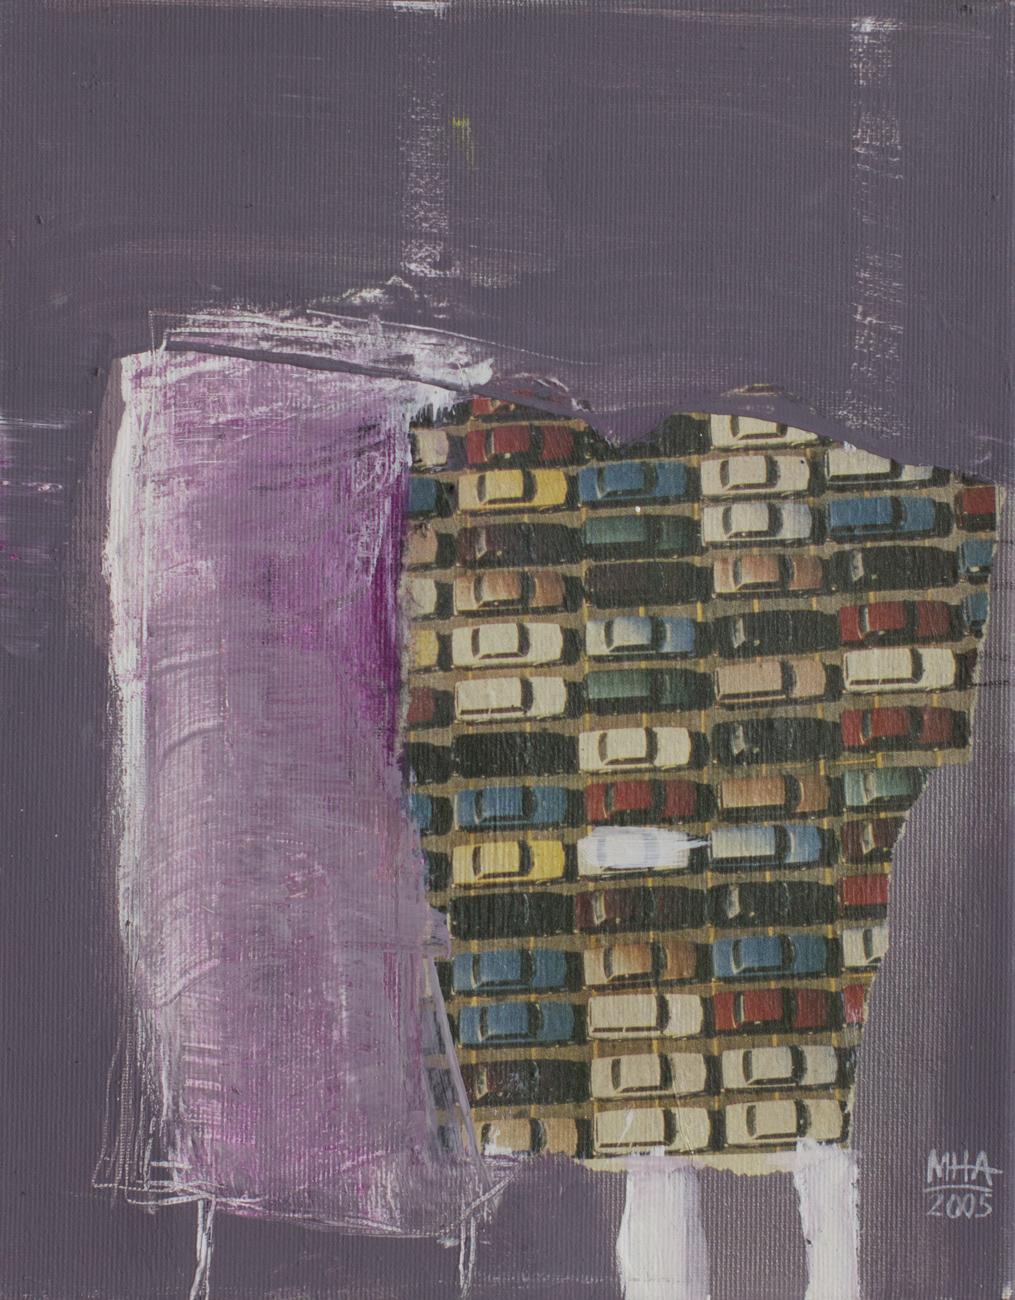 zweimal , 2005,Collage mit Acryl auf Leinwand, 24x30 cm